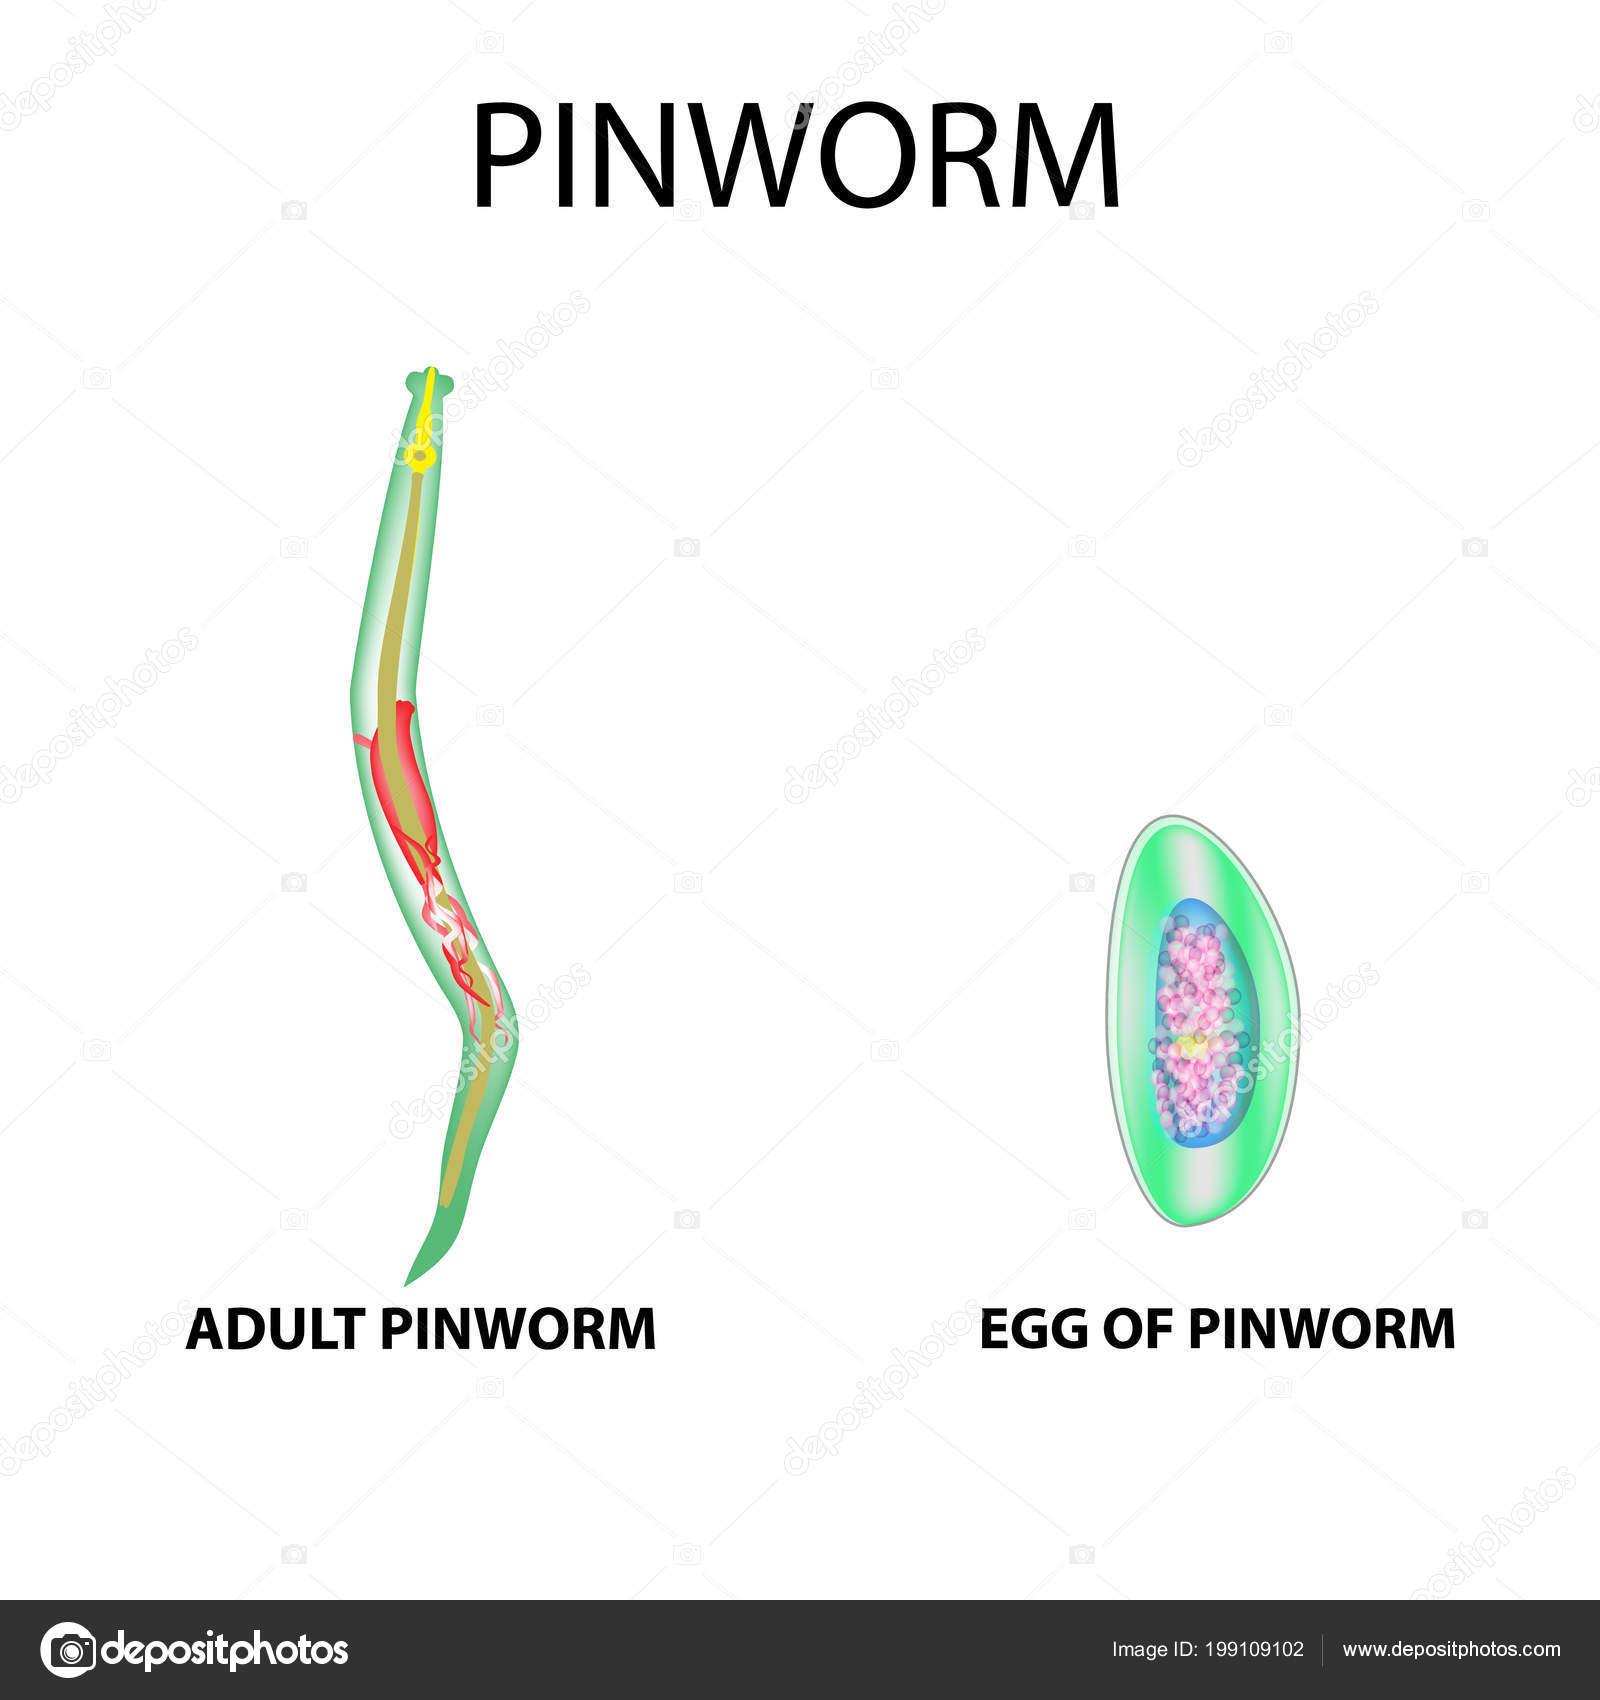 Pinworm fejlesztési szakasz táblázata Hogyan lehet eltávolítani pinworms felnőttek